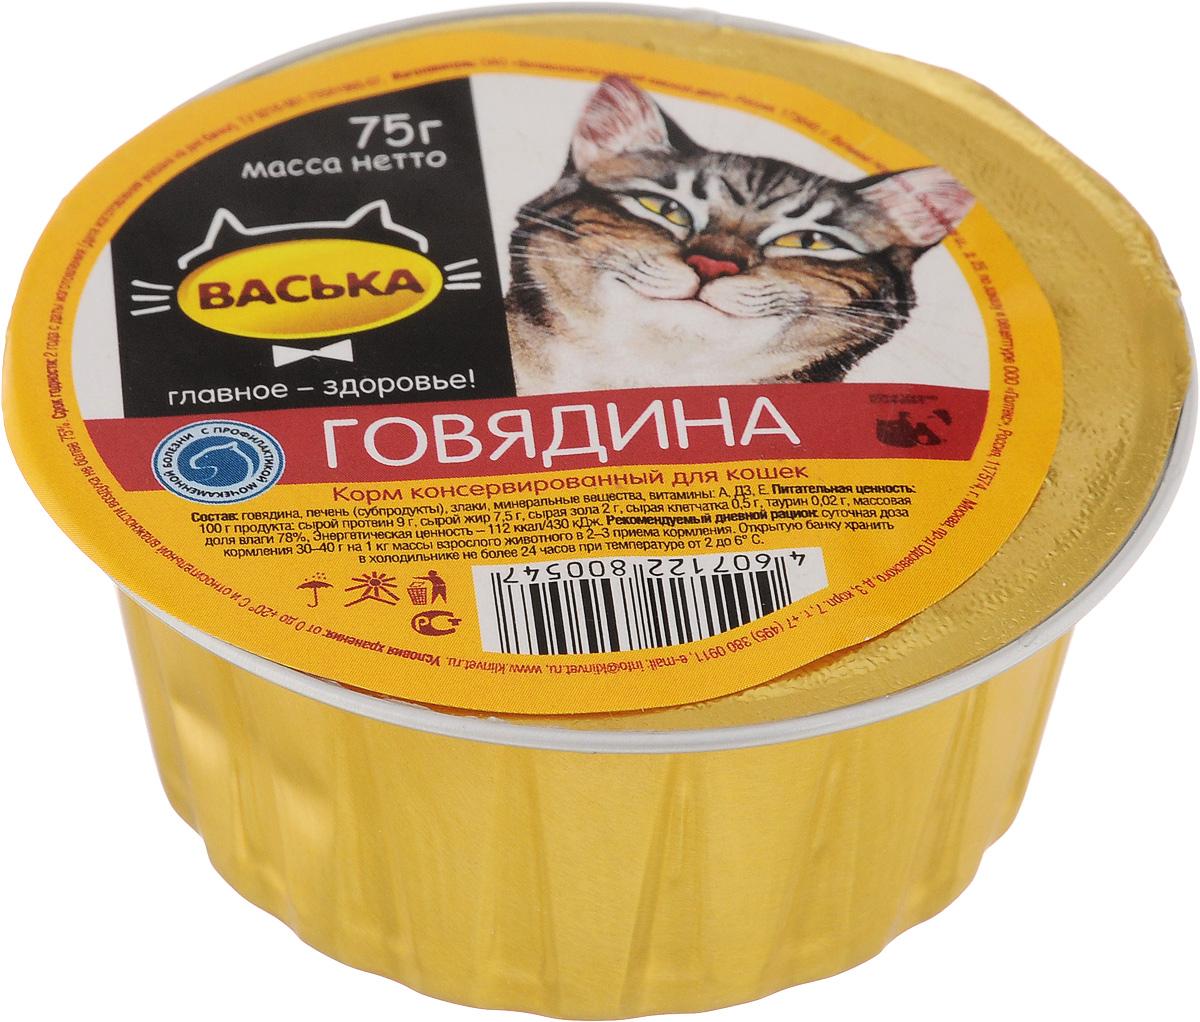 Консервы для кошек Васька, для профилактики мочекаменных болезней, говядина, 75 г0120710Консервированный корм Васька - это сбалансированное и полнорационное питание, которое обеспечит вашего питомца необходимыми белками, жирами, витаминами и микроэлементами. Нежный паштет порадует кошек любых возрастов и вкусовых предпочтений. Высокий процент содержания влаги в продукте является отличной профилактикой возникновения мочекаменной болезни. Высокое содержание белков и жиров, а также важнейших микроэлементов и витаминов обеспечат вашу кошку энергией и здоровьем. Корм абсолютно натуральный, не содержит ГМО, ароматизаторов и искусственных красителей. Удобная одноразовая упаковка сохраняет корм свежим и позволяет контролировать порцию потребления.Товар сертифицирован.